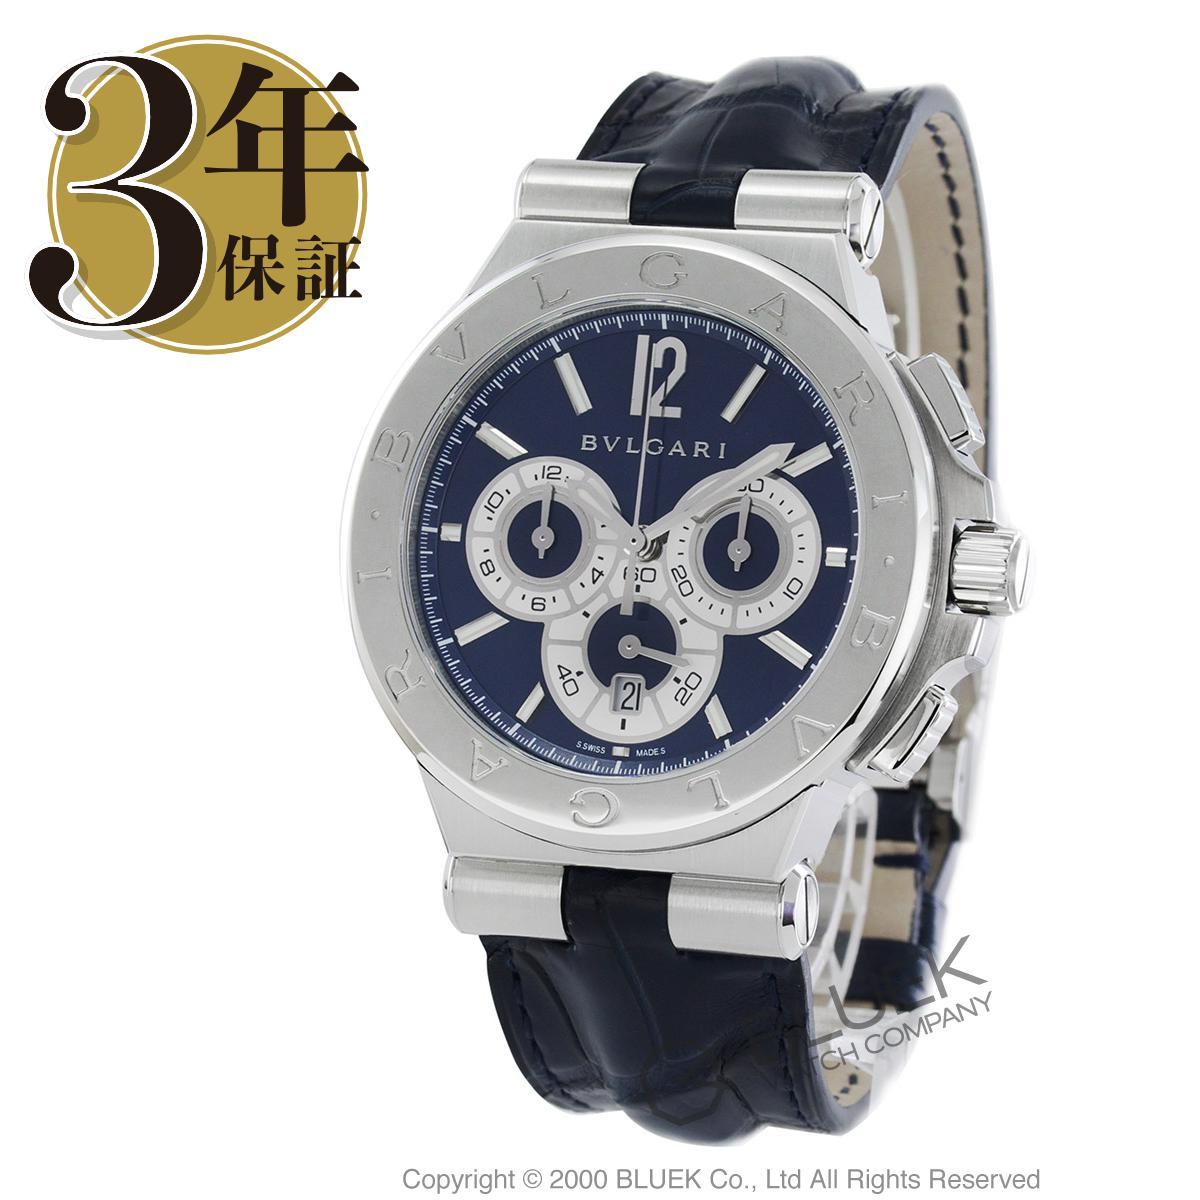 ブルガリ ディアゴノ カリブロ303 世界限定500本 クロノグラフ アリゲーターレザー 腕時計 メンズ BVLGARI DG42C3SLDCH_3